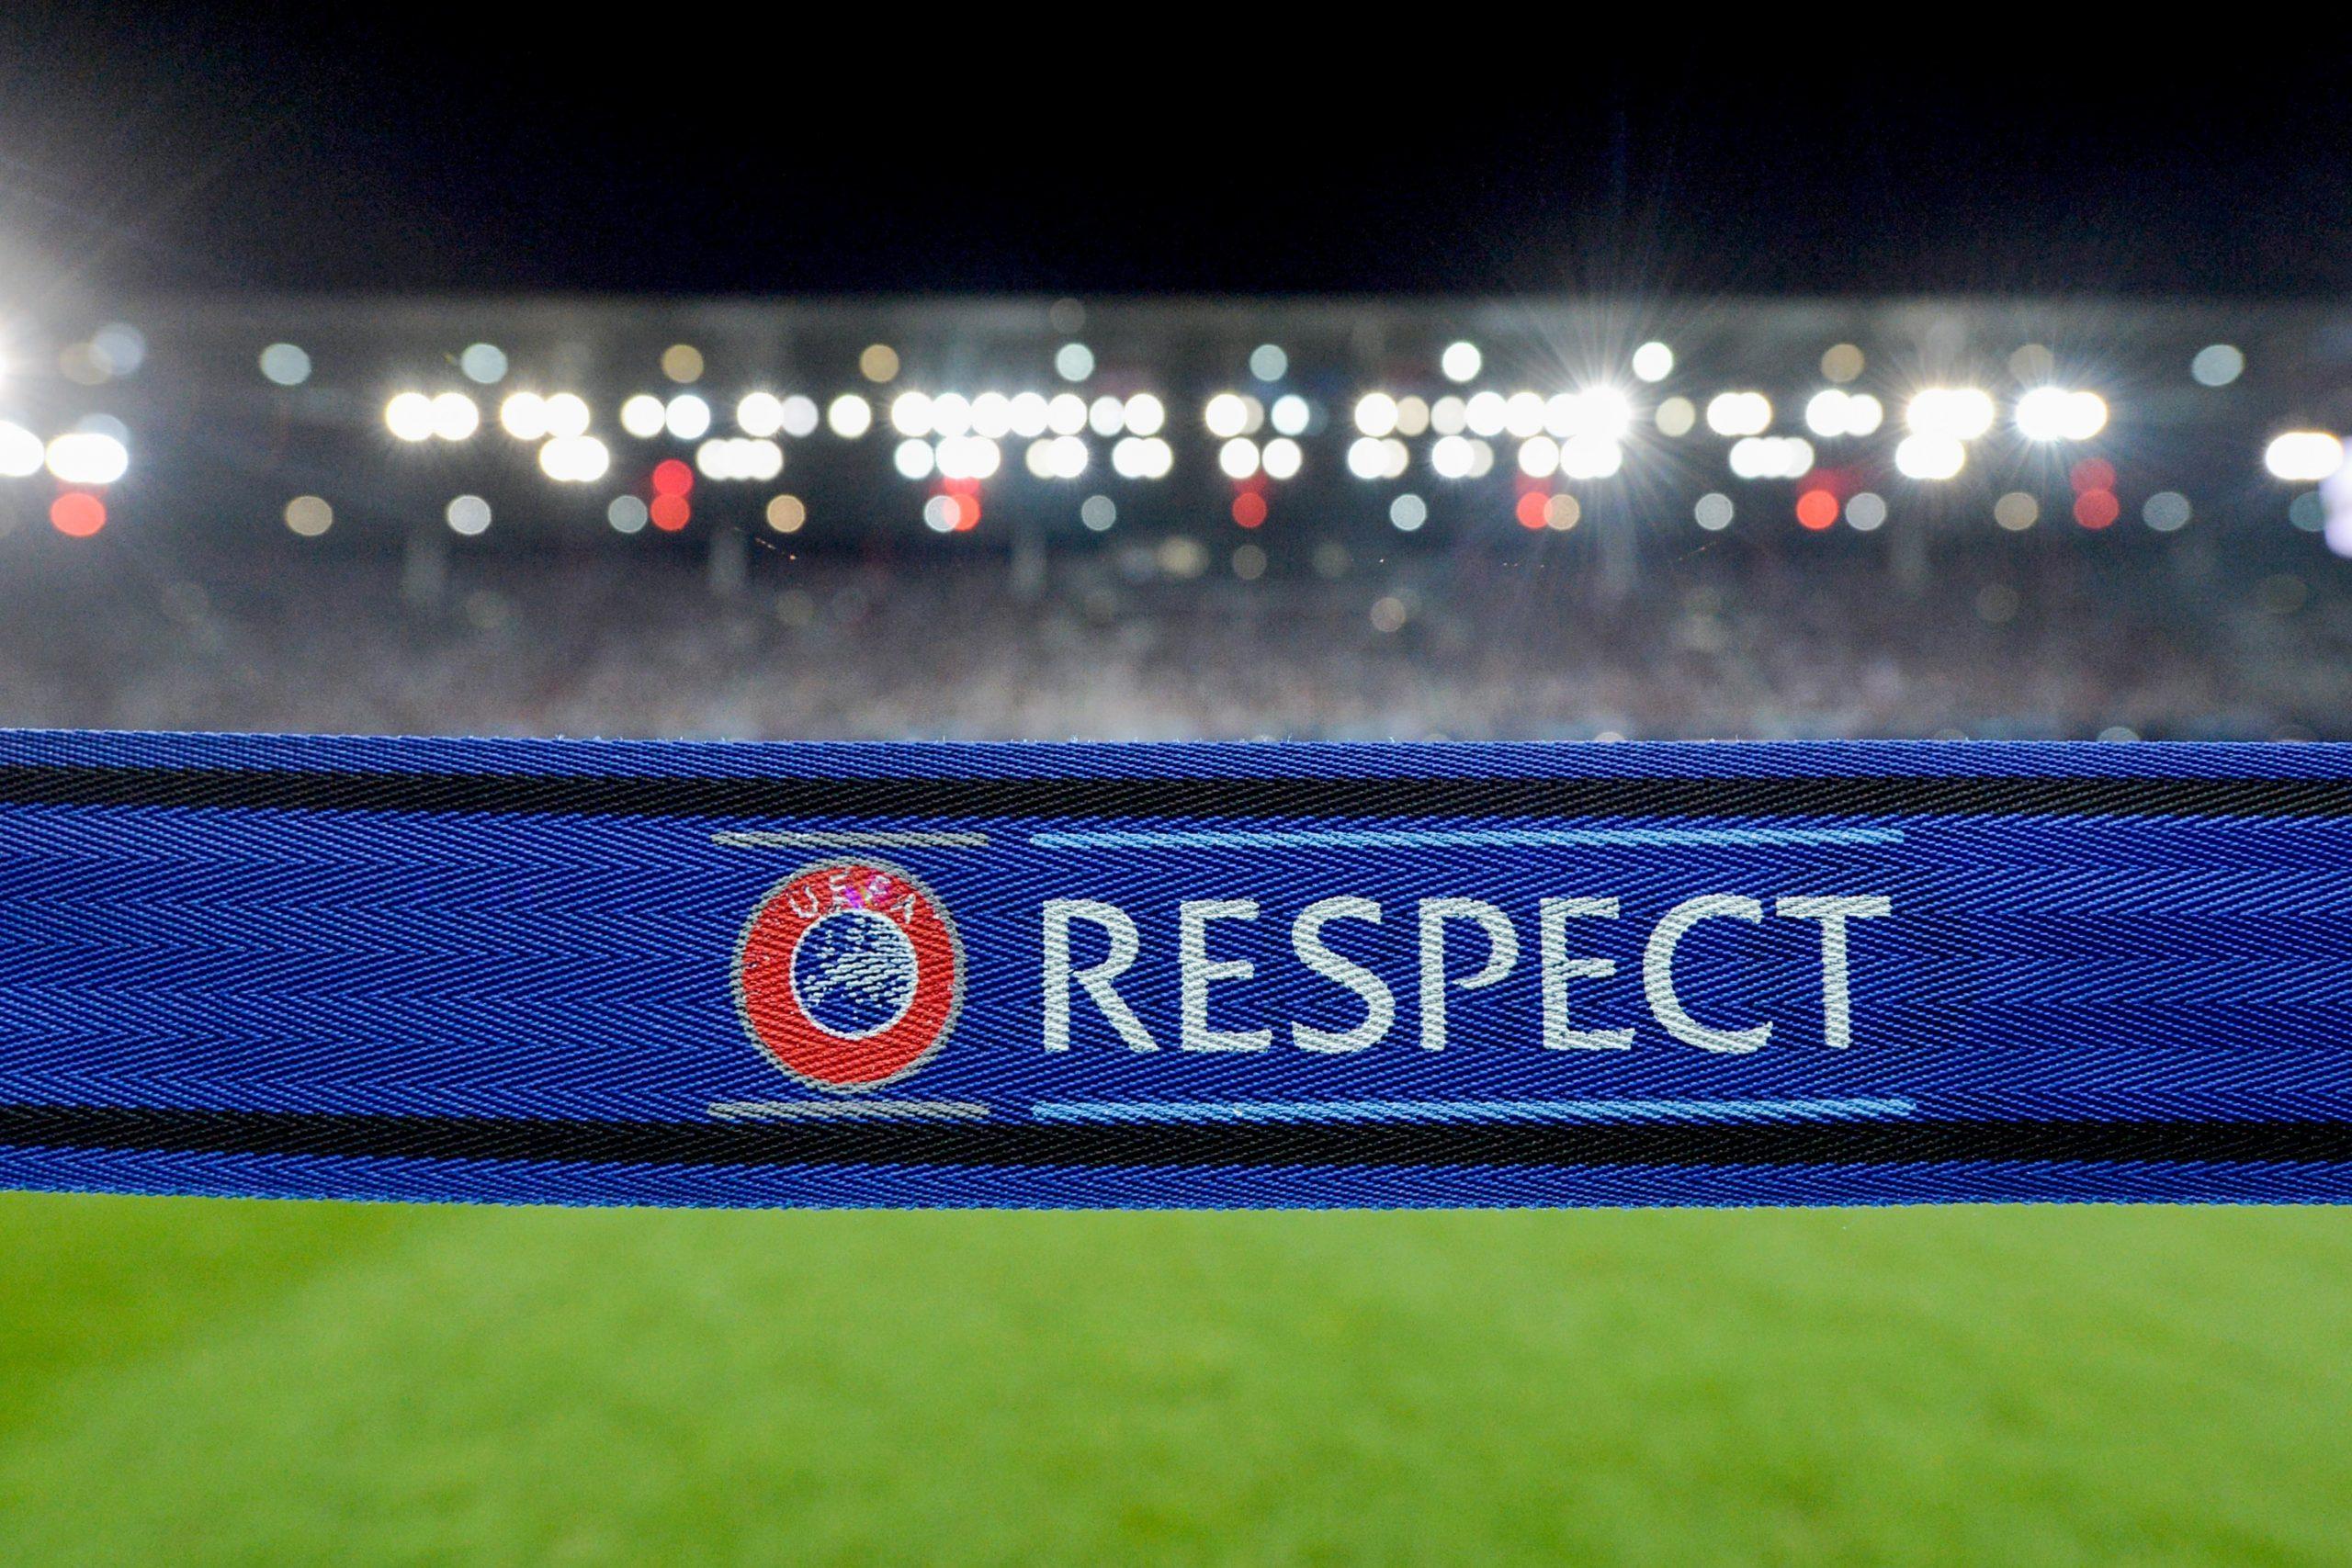 Super Ligue Européenne - L'UEFA répète que les participants seront exclus des autres compétitions